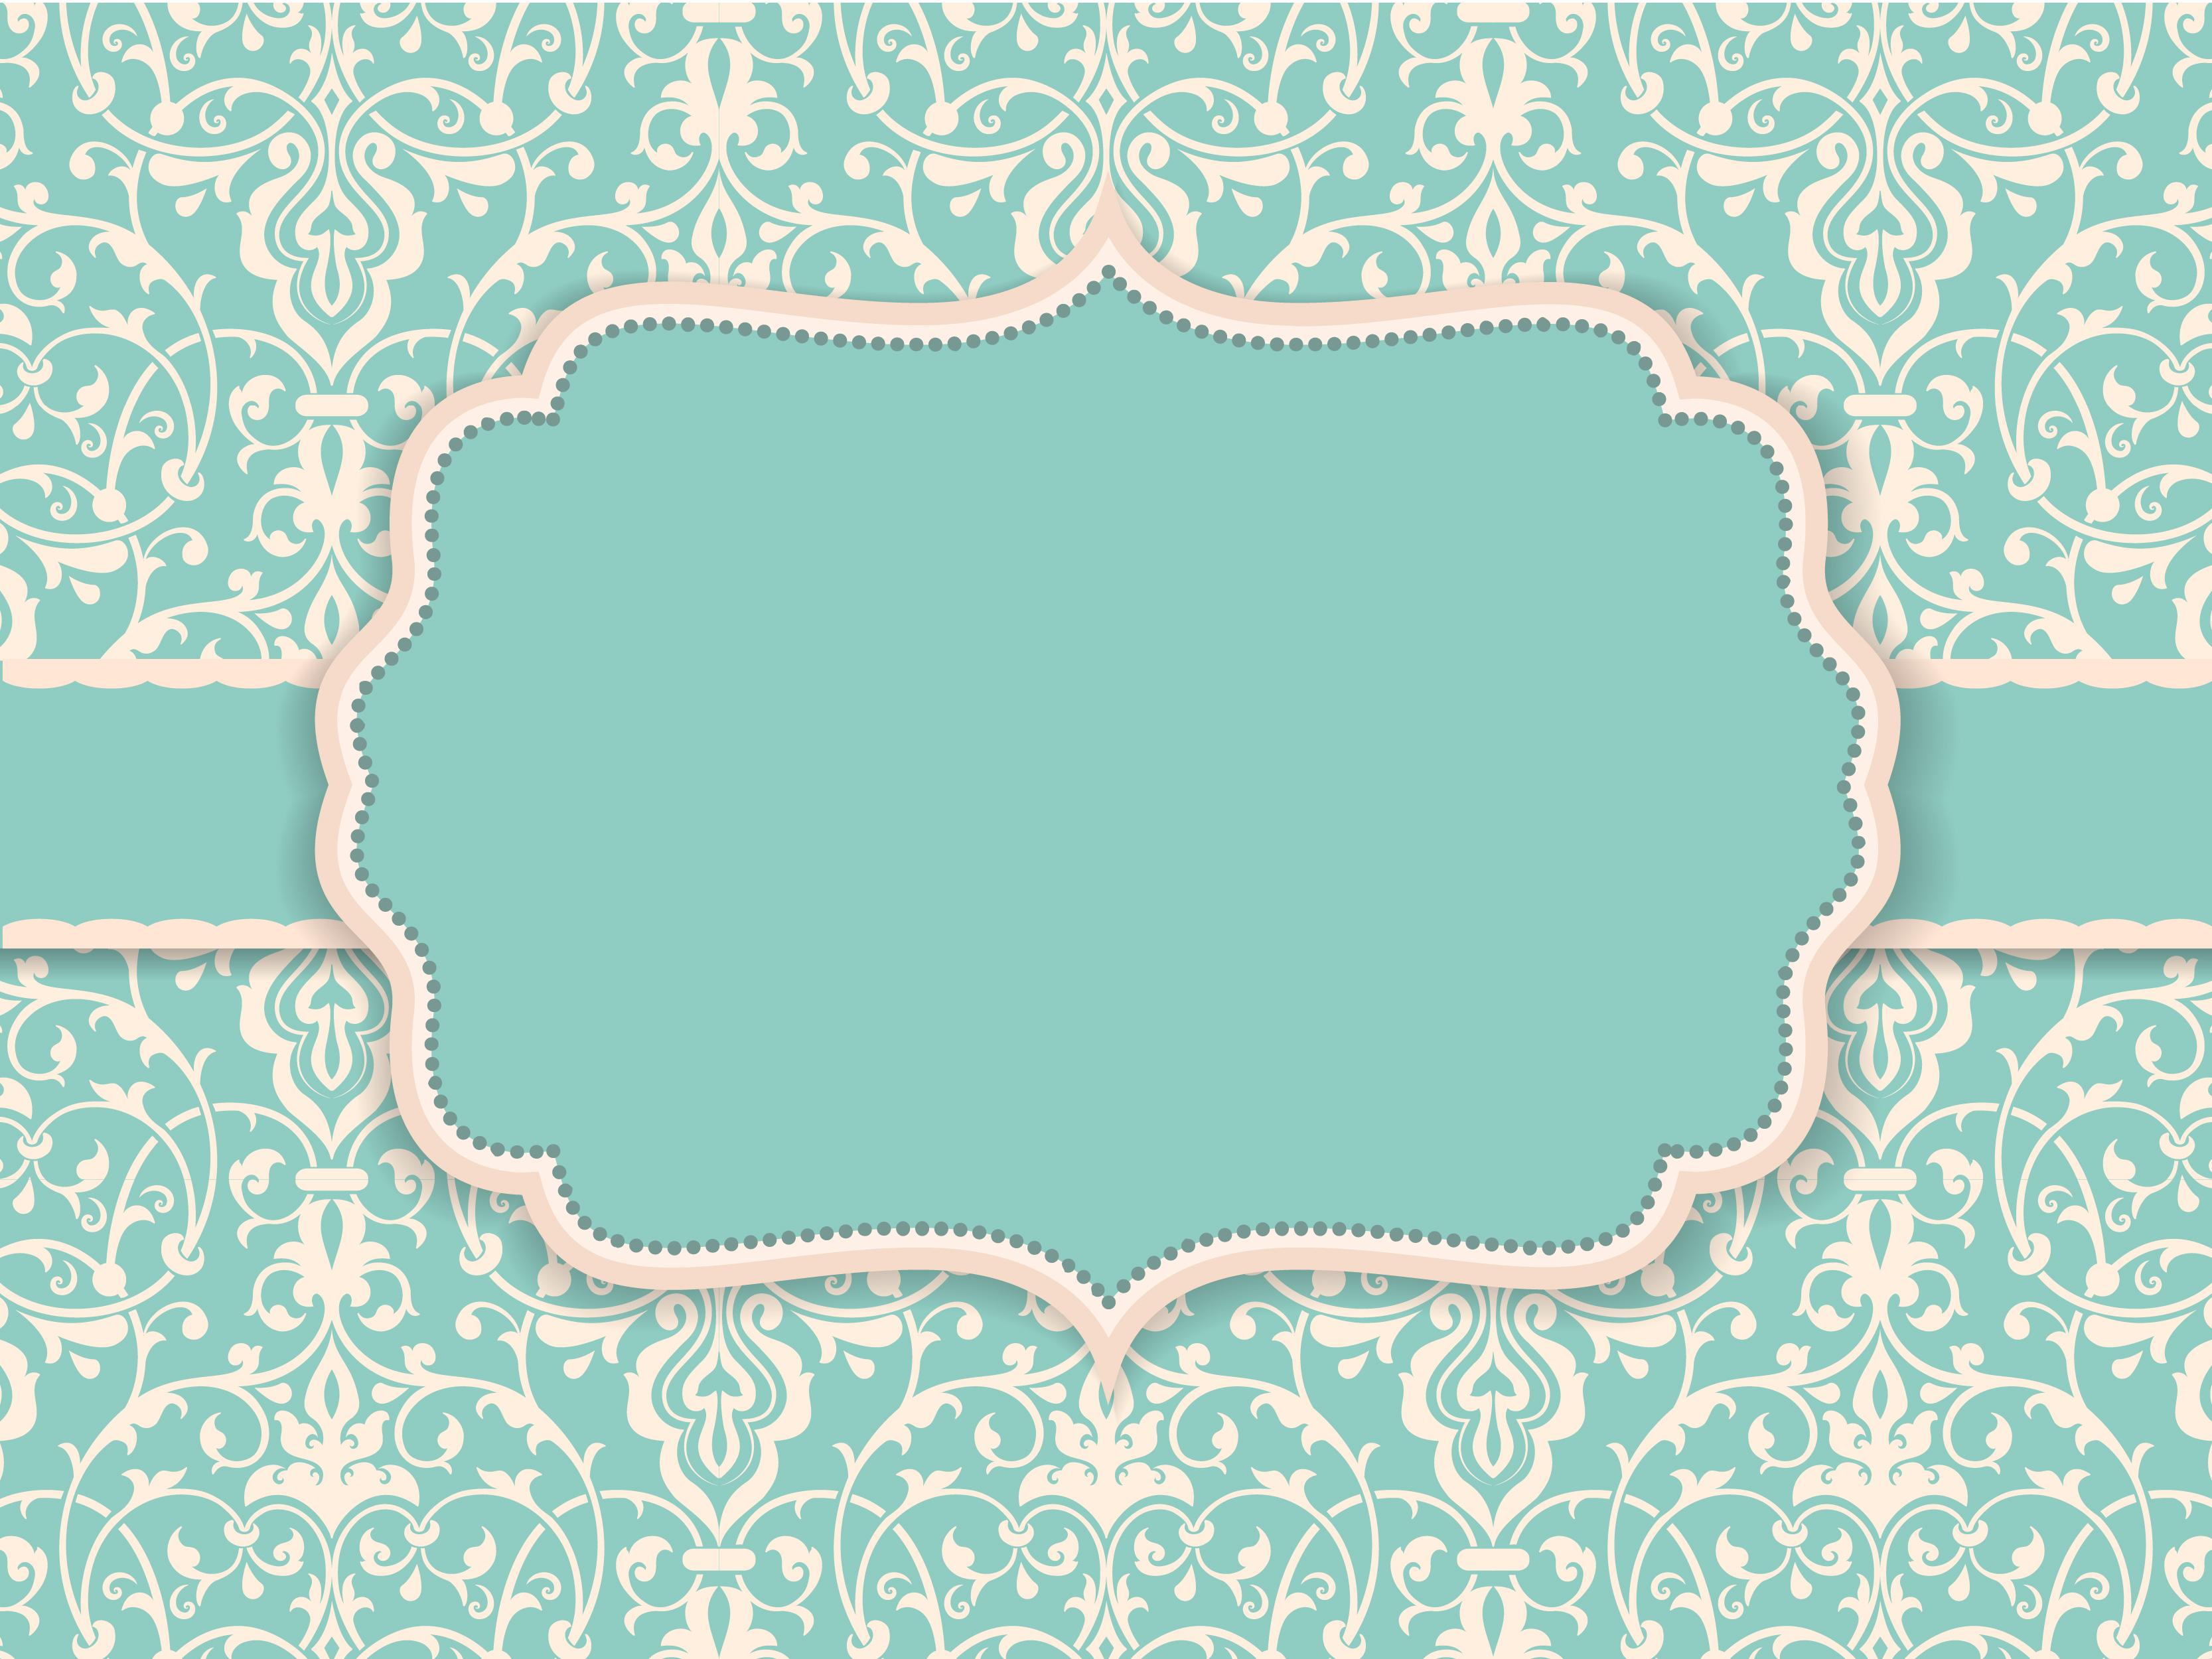 fond bleu rose de mod u00e8le europ u00e9en de mat u00e9riau de fond bleu rose de motif continental image de